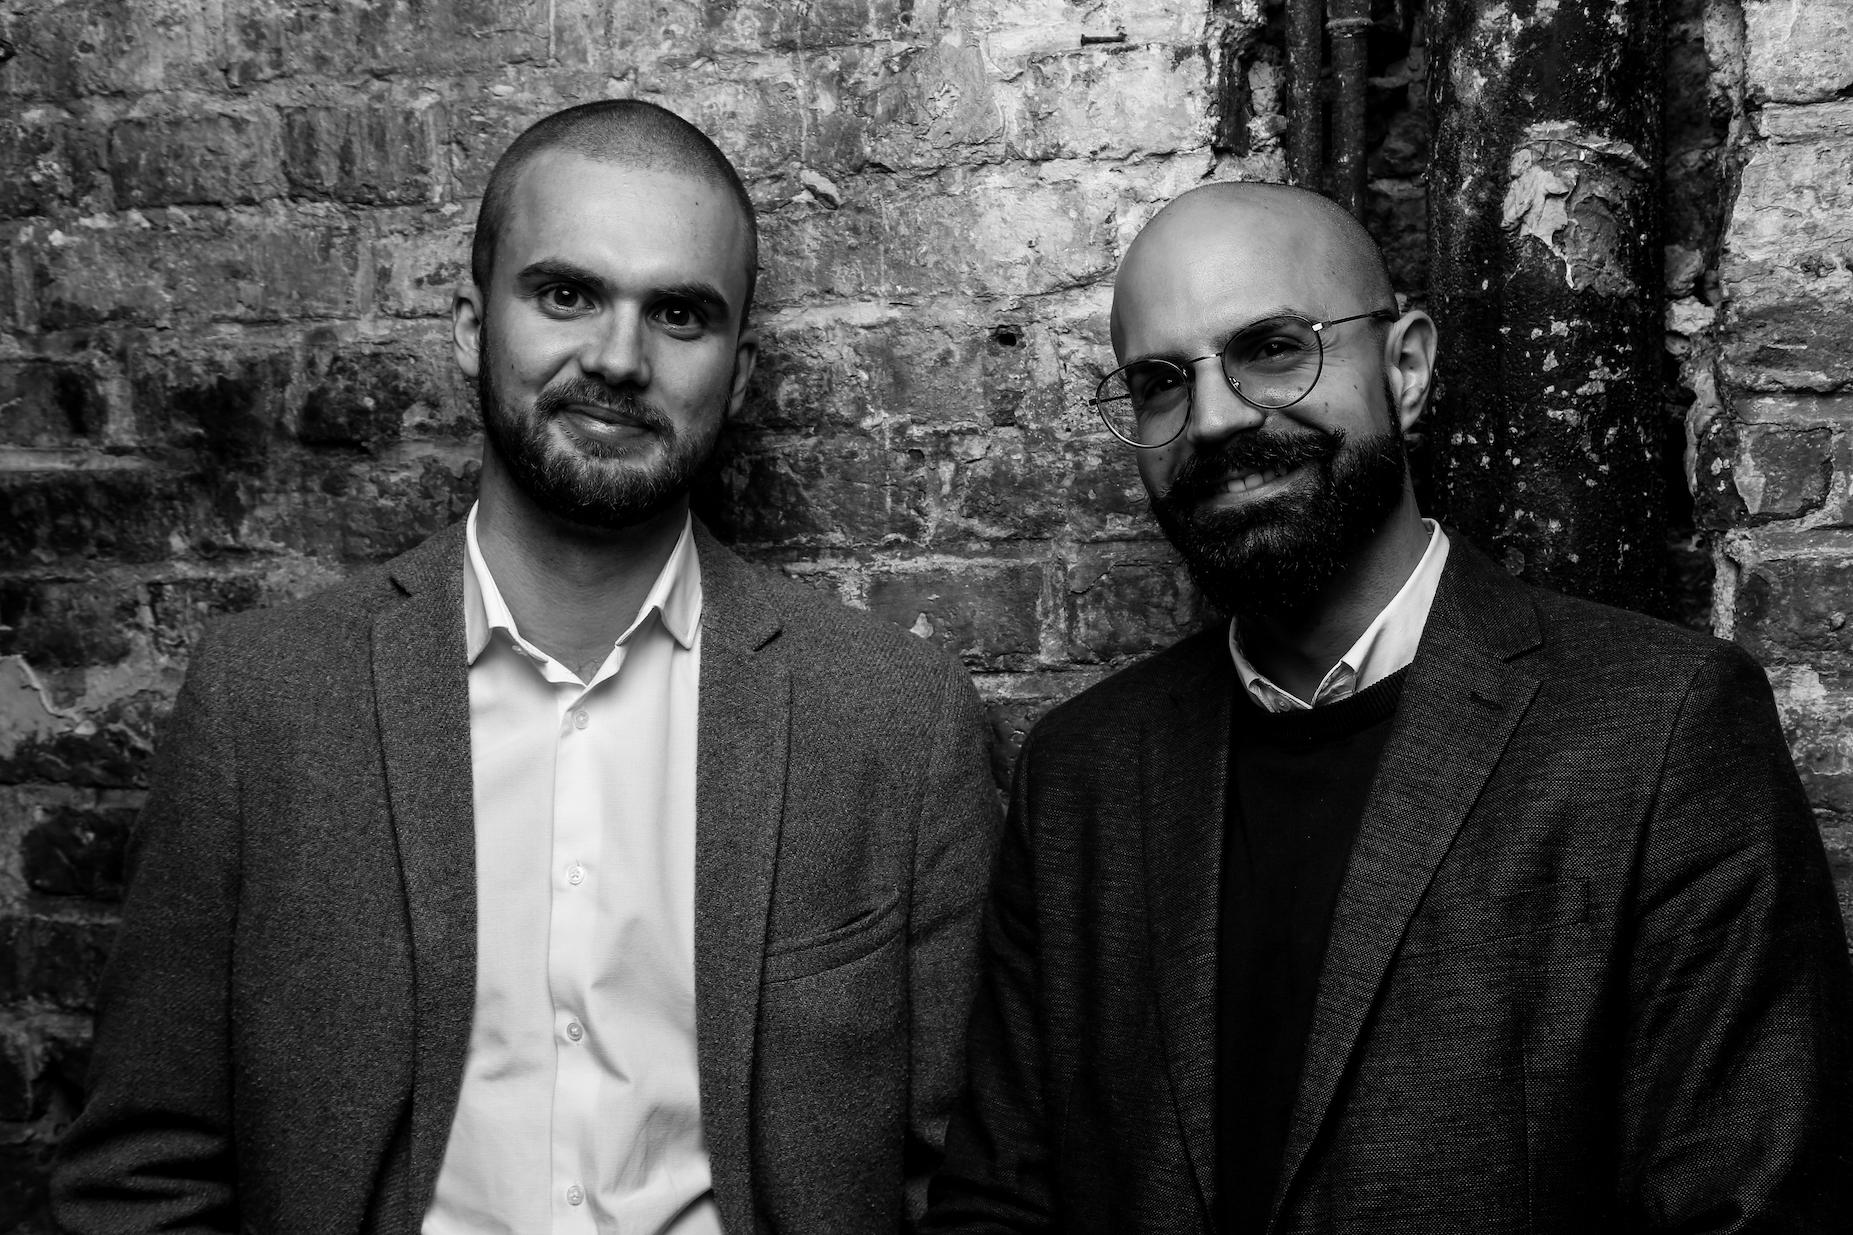 Die Gründer von QuantumLight Christian Wilhelm Roth und Moussa Bdeir